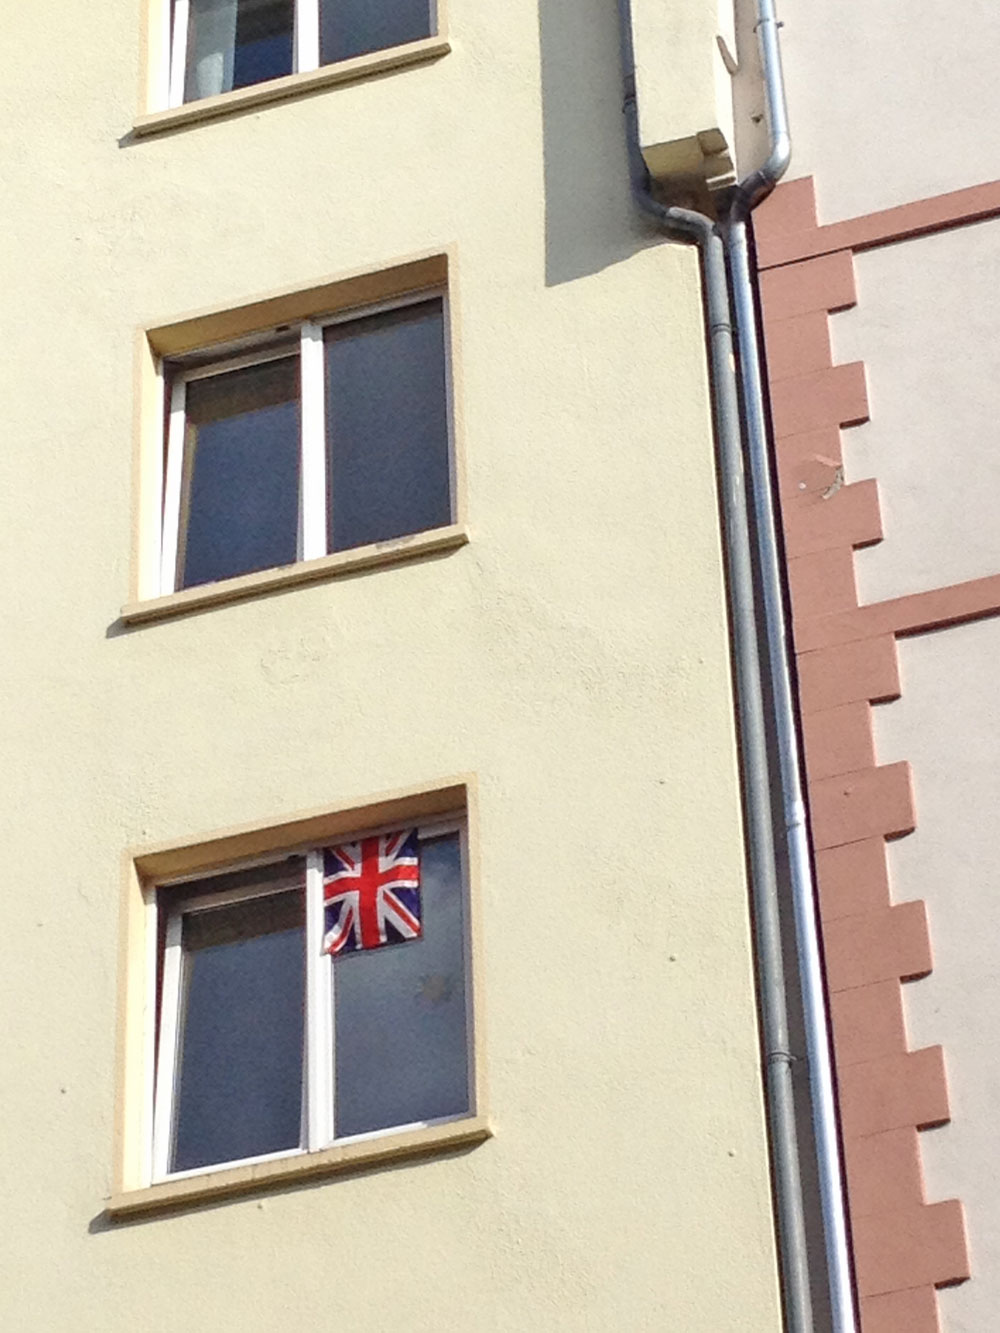 flaggen-am-fenster-in-frankfurt-zur-euro-2016-großbritannien